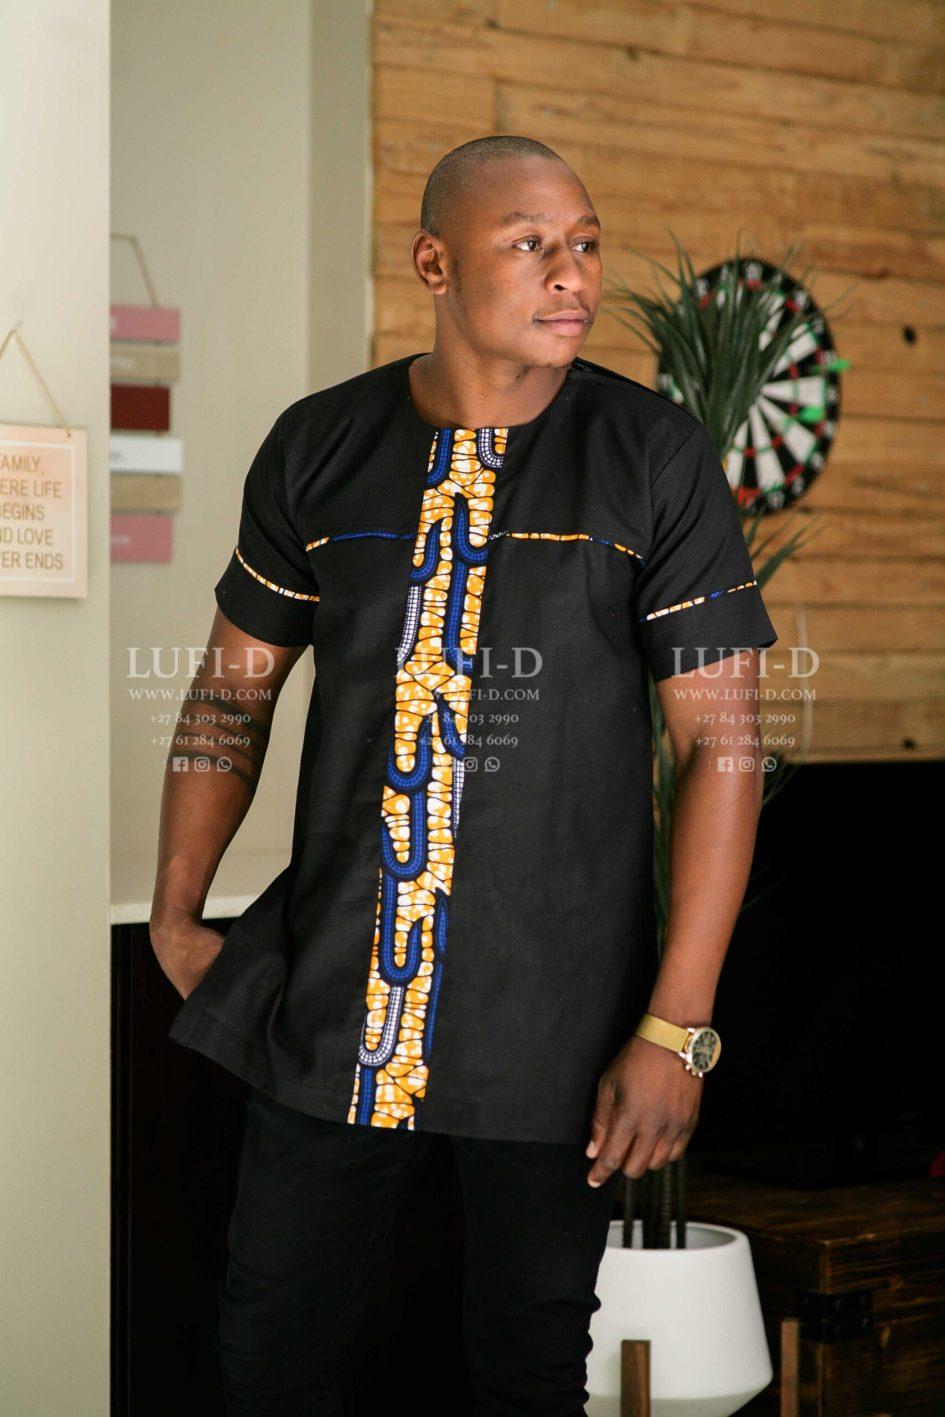 Prince Shirt